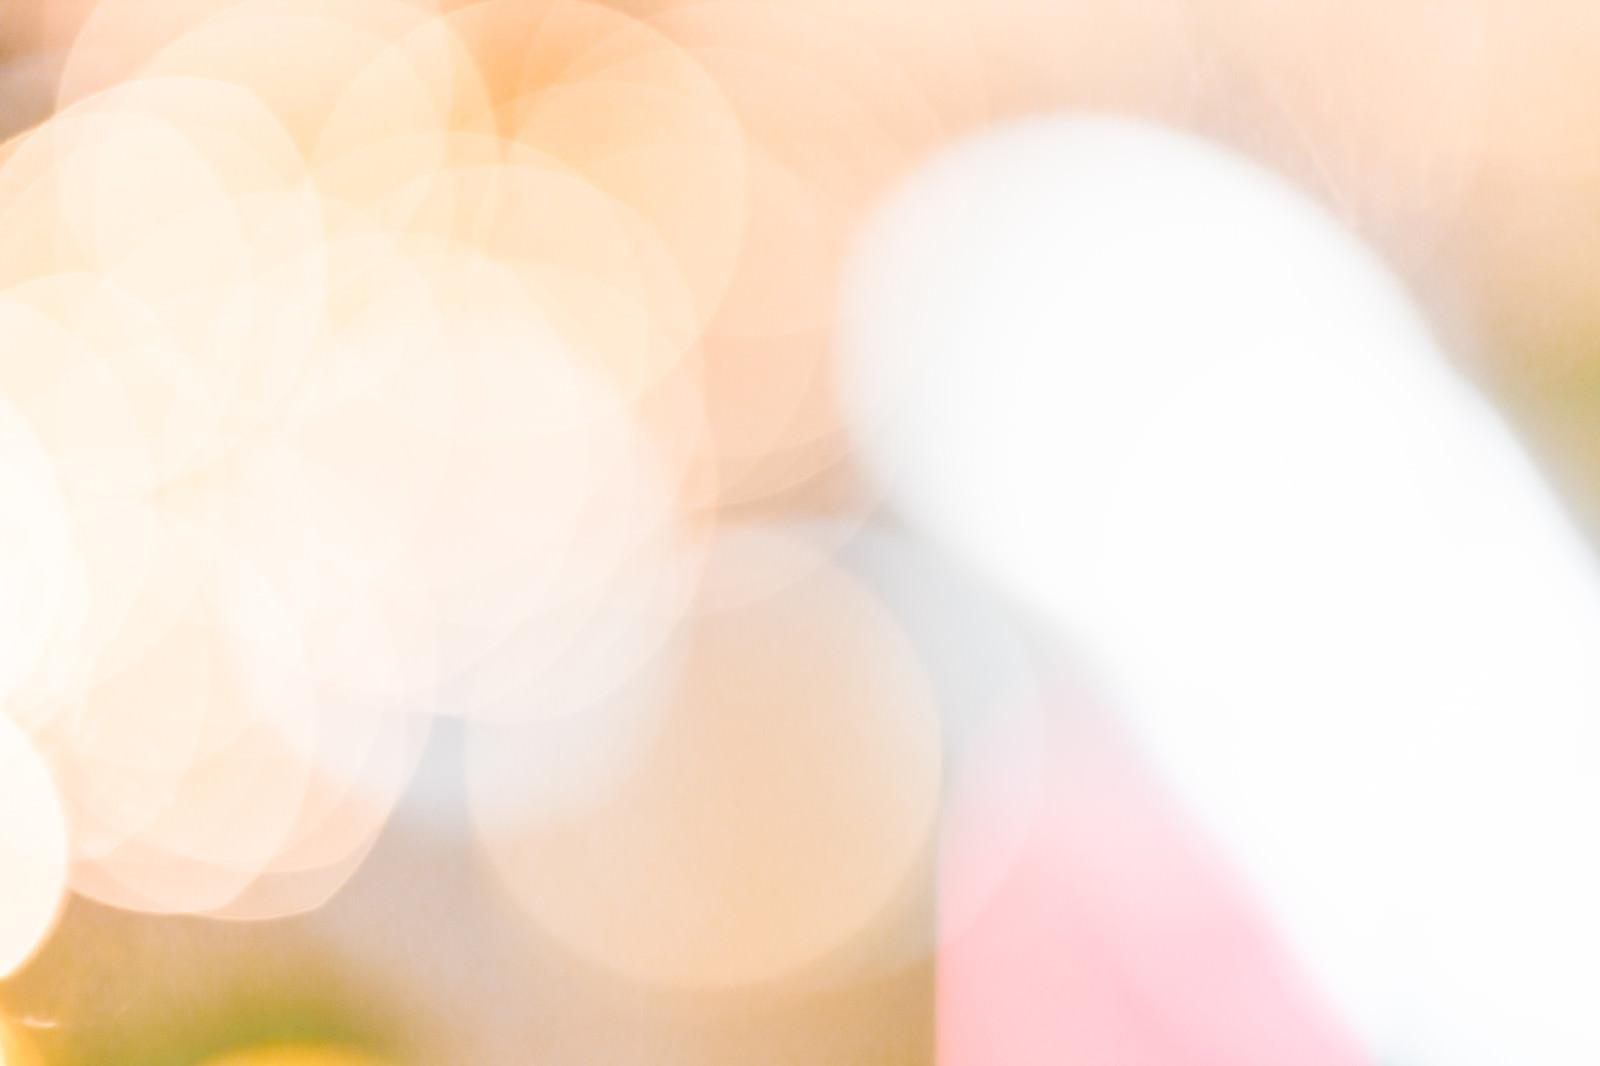 「光あふれる温かみのあるボケ味」の写真